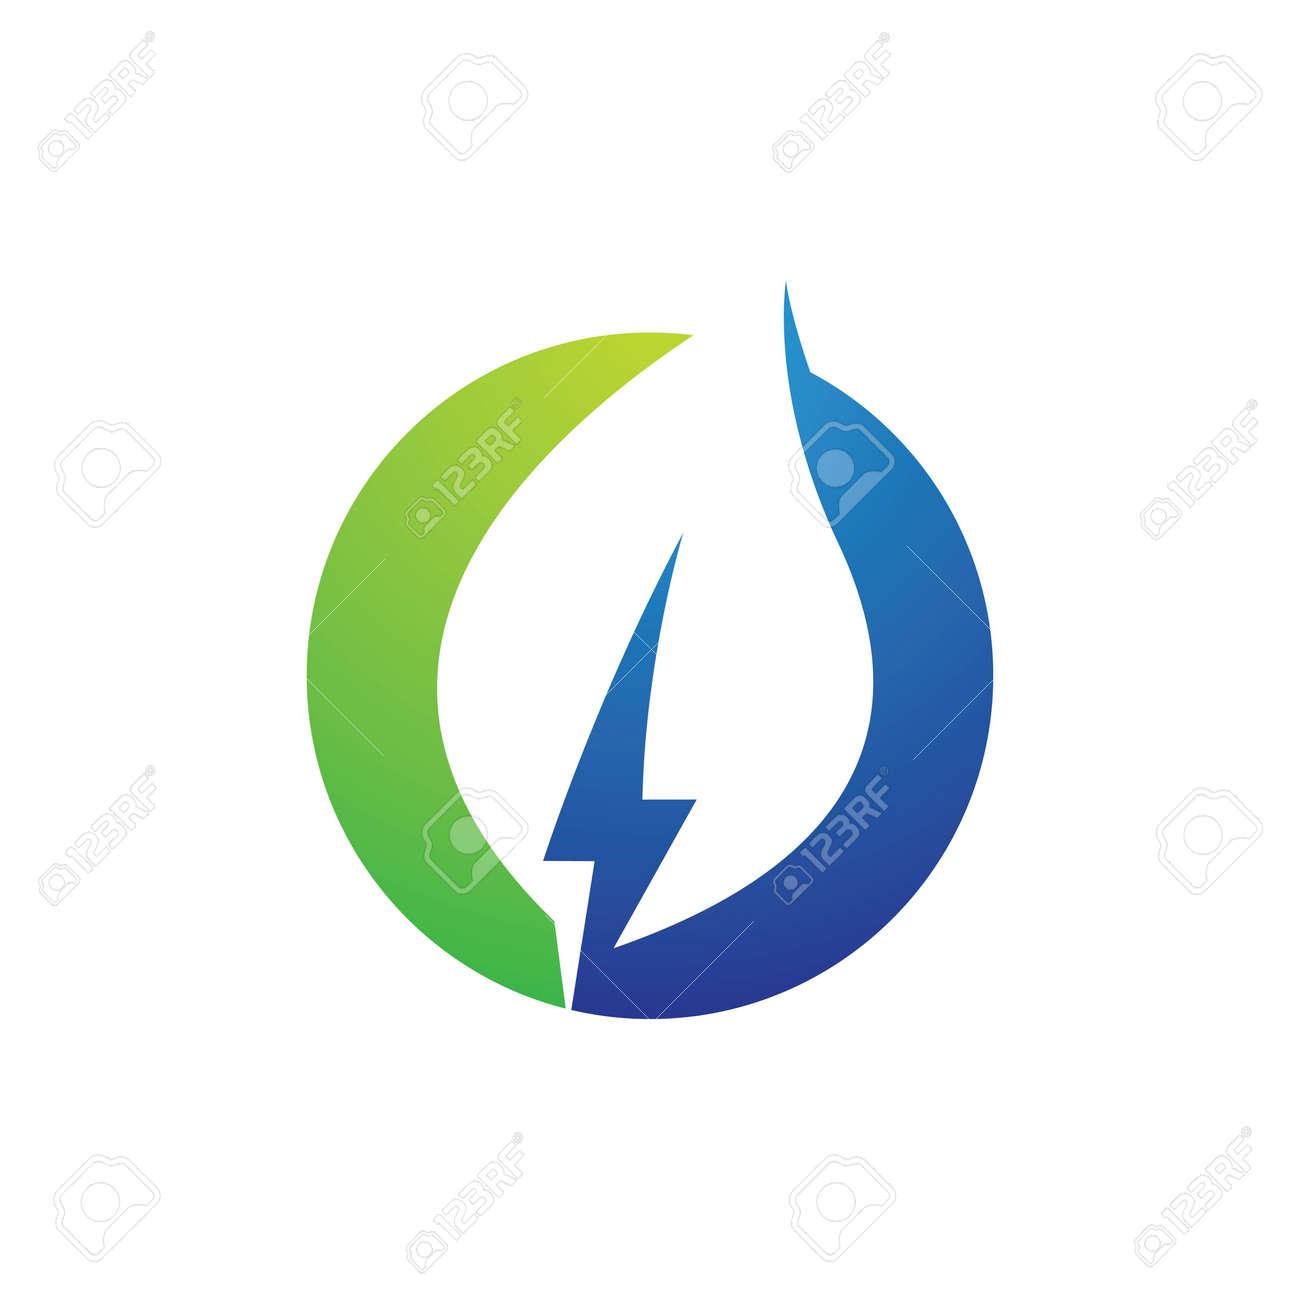 Eco energy logo images illustration design - 169624651